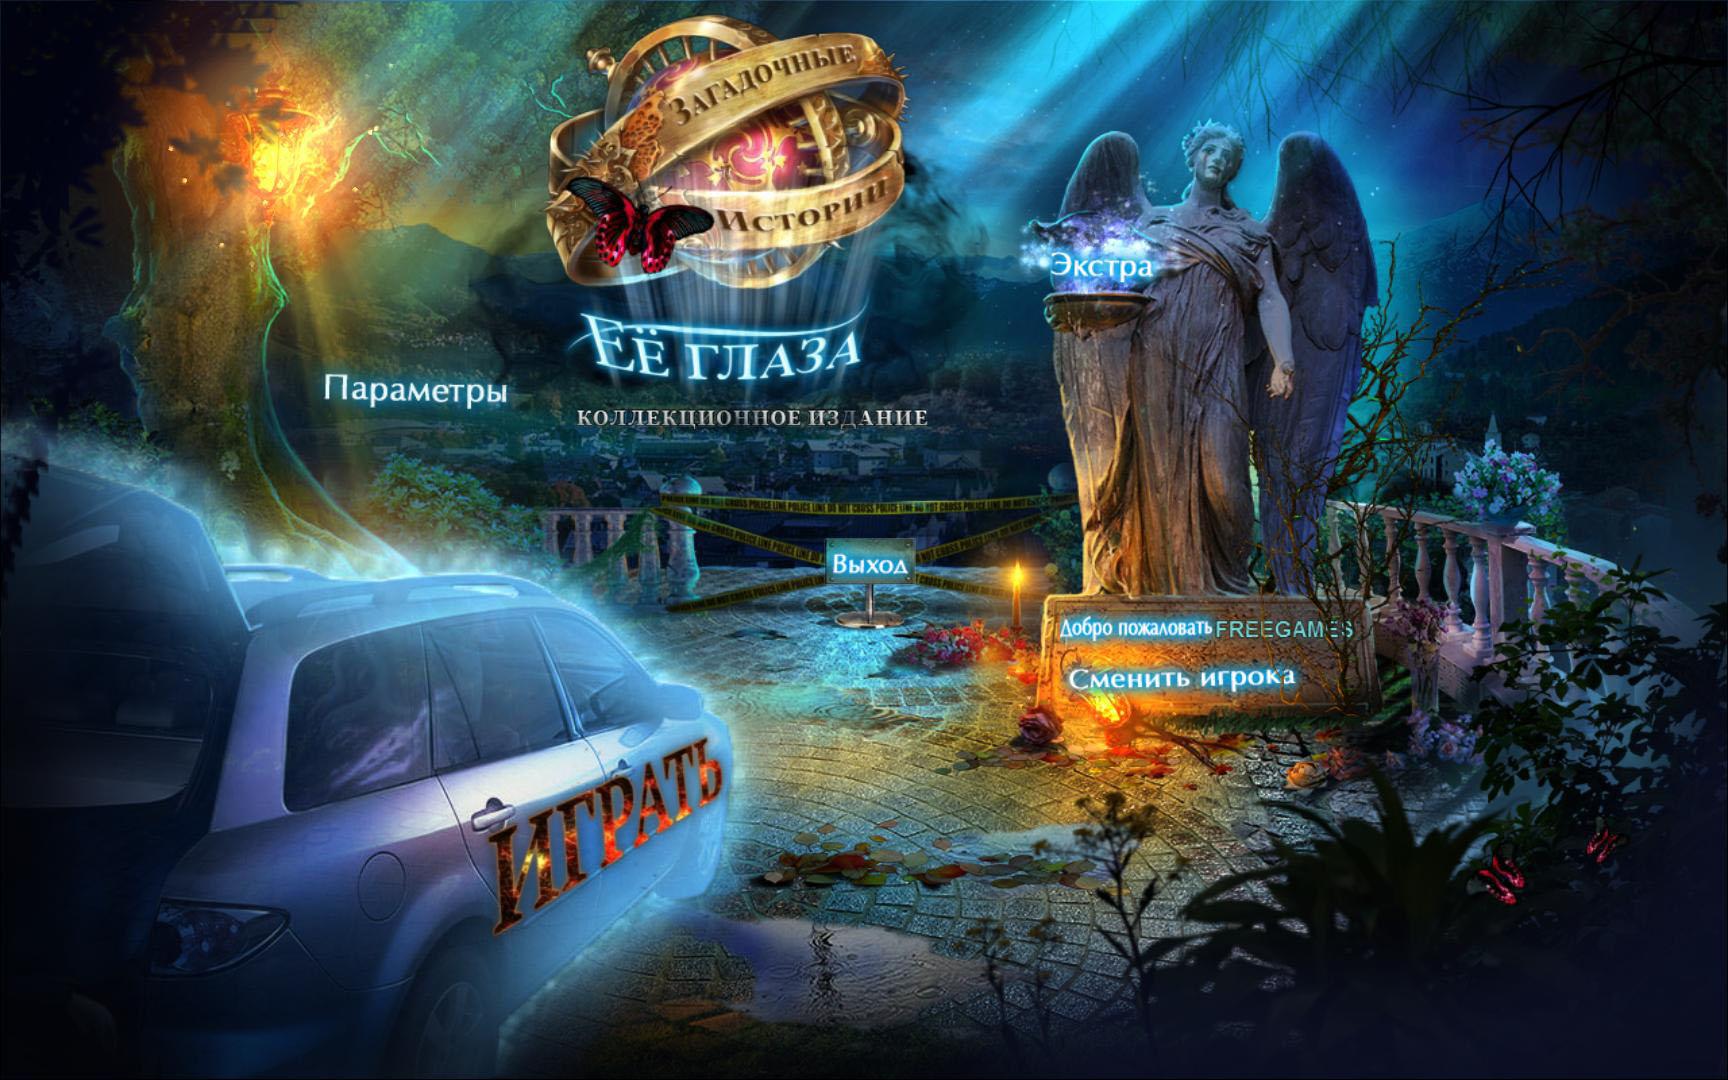 Загадочные истории 4: Ее глаза. Коллекционное издание   Mystery Tales 4: Her Own Eyes CE (Rus)